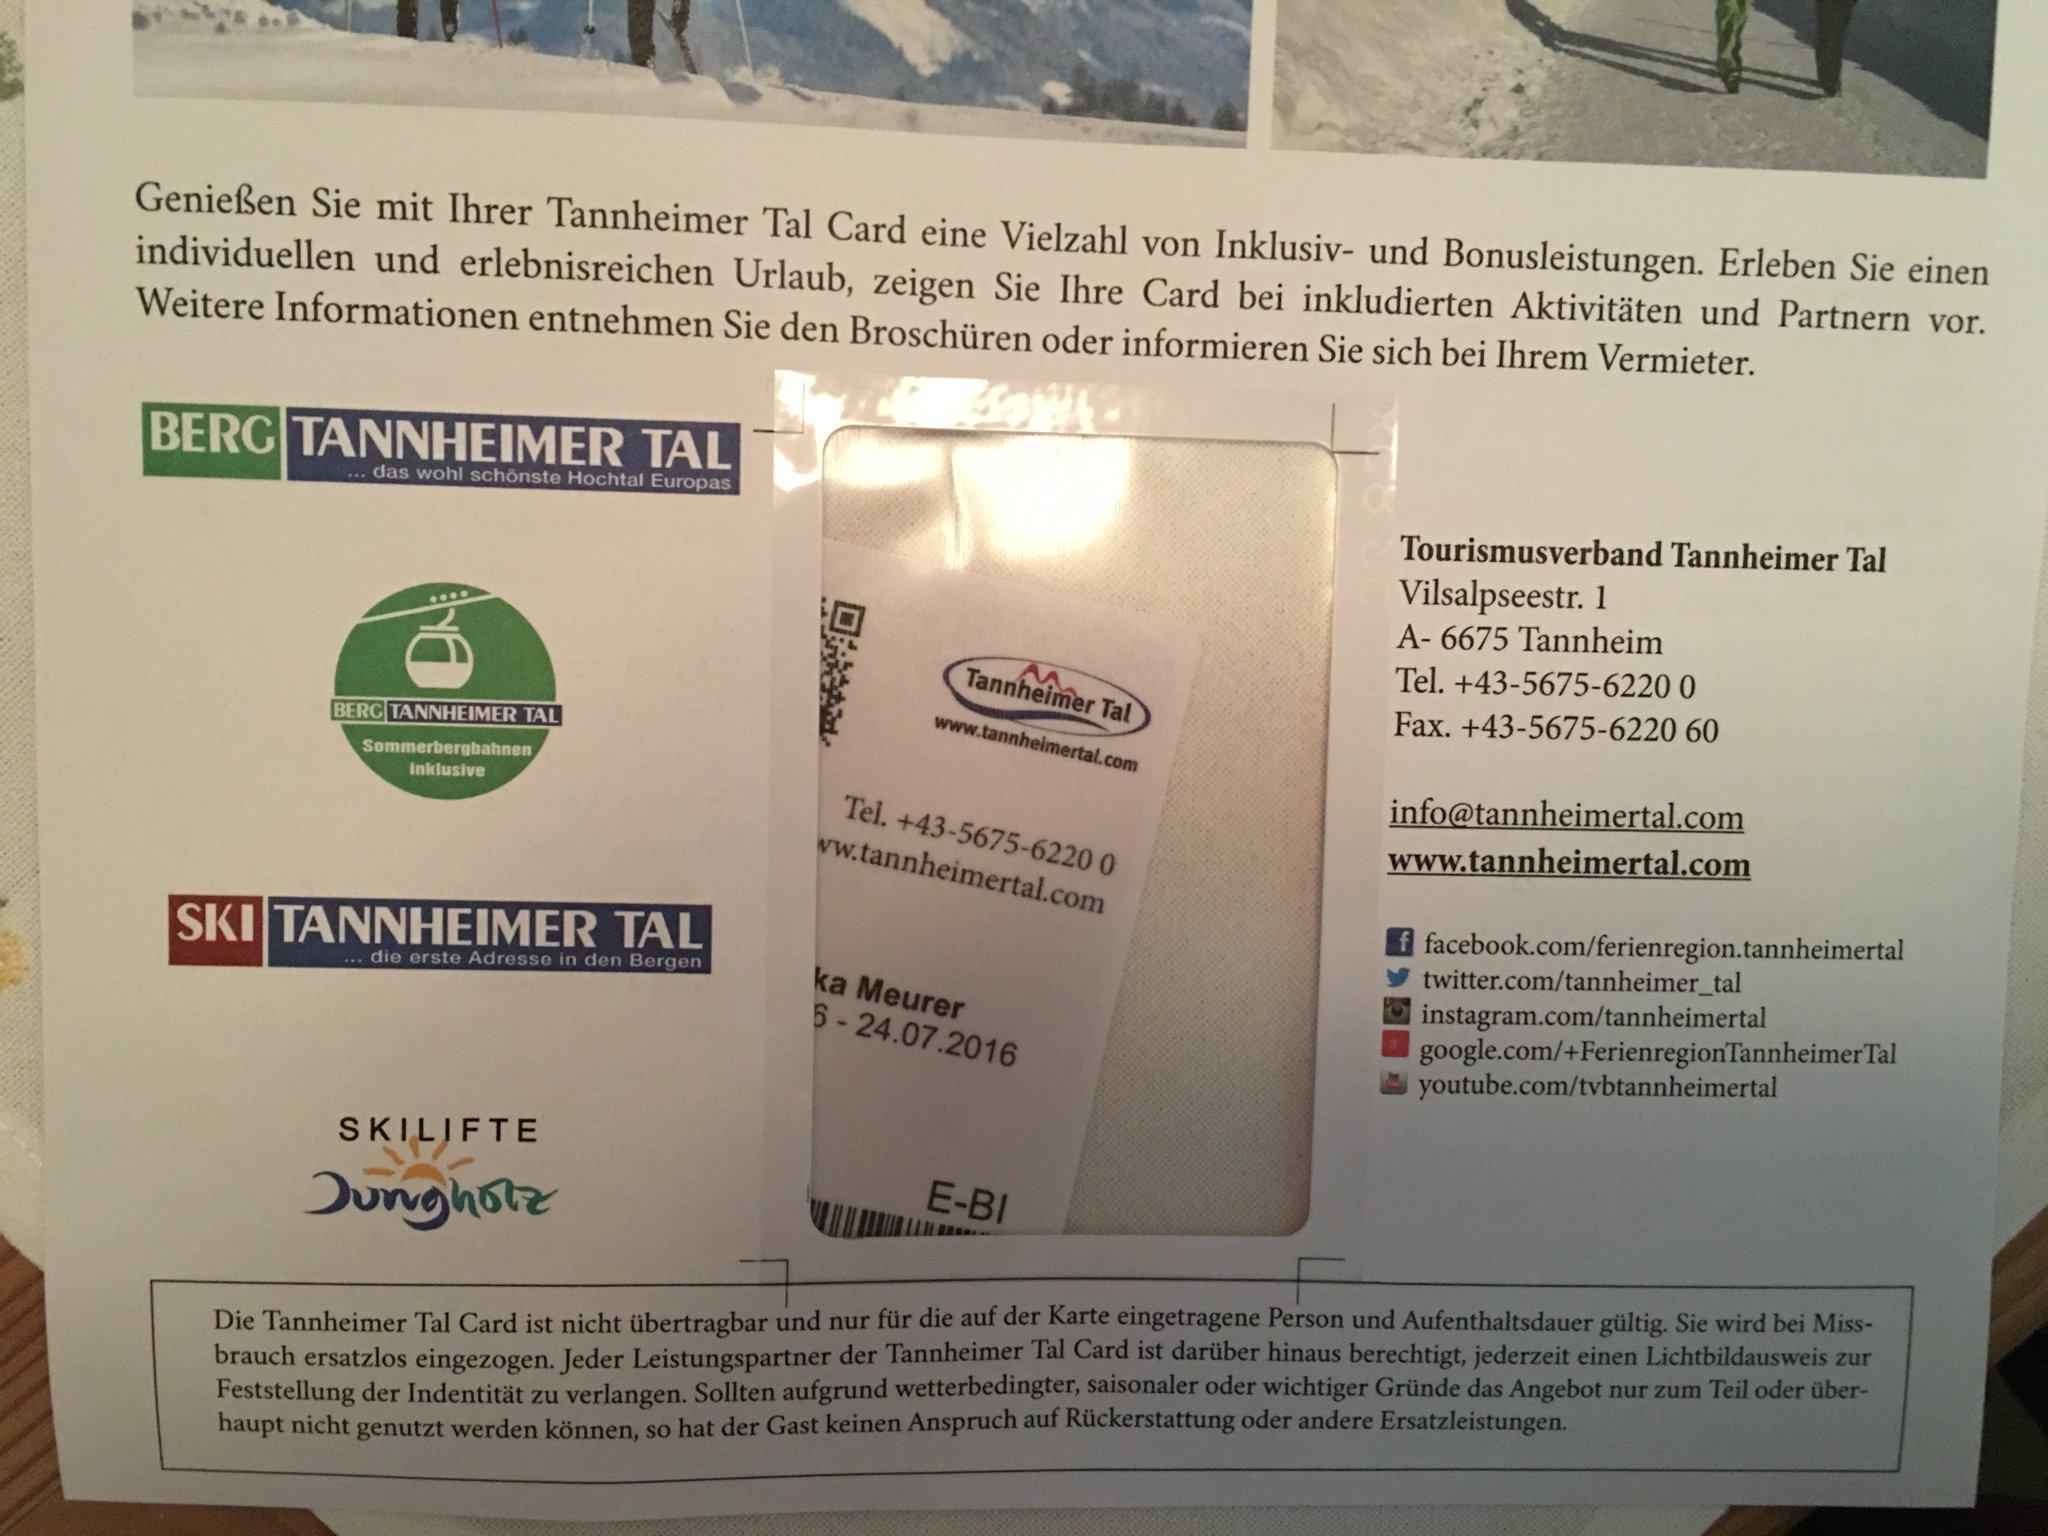 Wir haben eine Tannheimertal Card - und wir werden sie benutzen #meurers #TannheimerTal https://t.co/RtHIGzSooQ